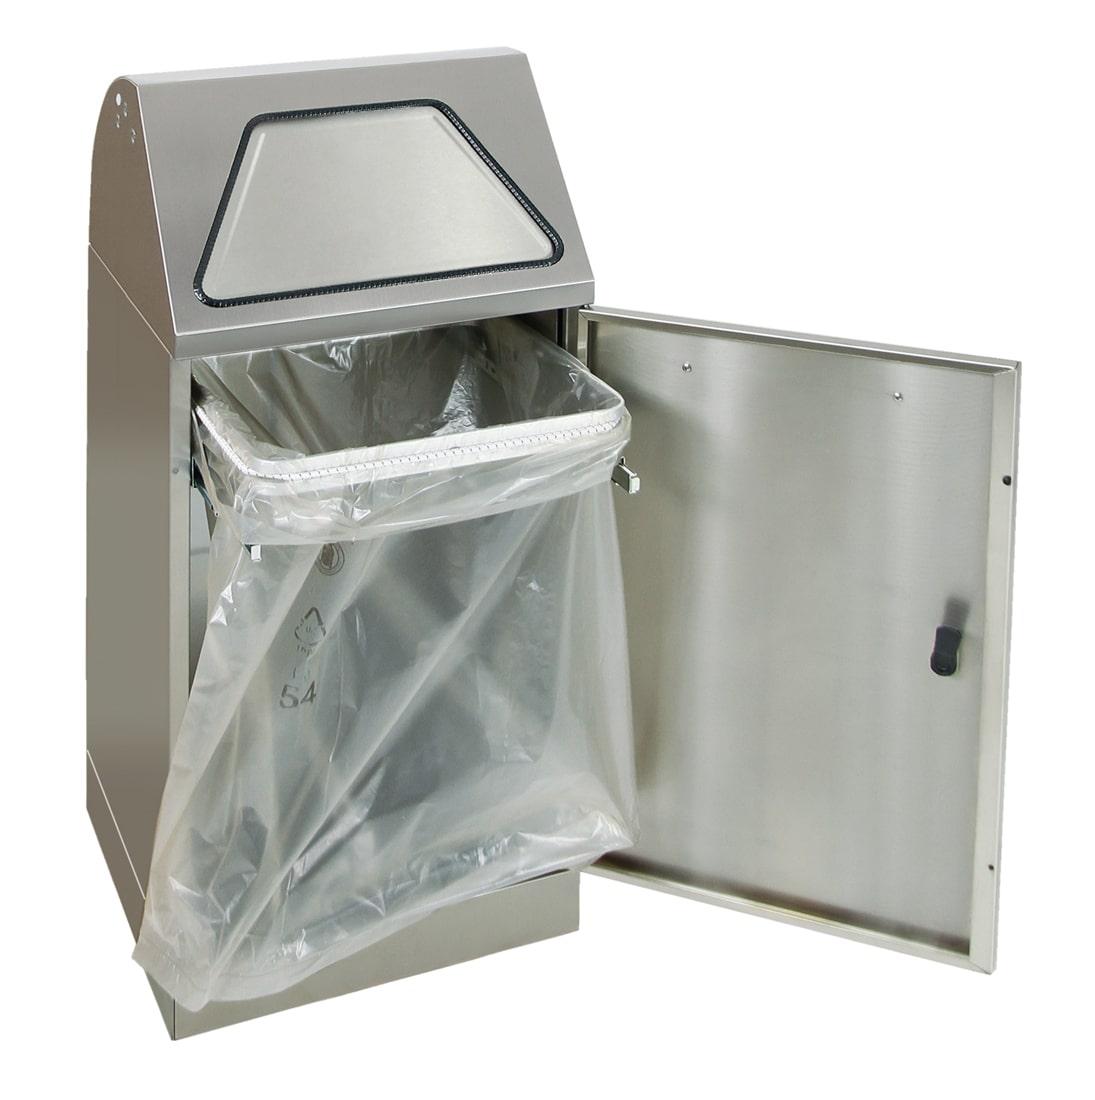 Abfalltrennung Modul-Vario 60, ProSlide-System, edelstahl